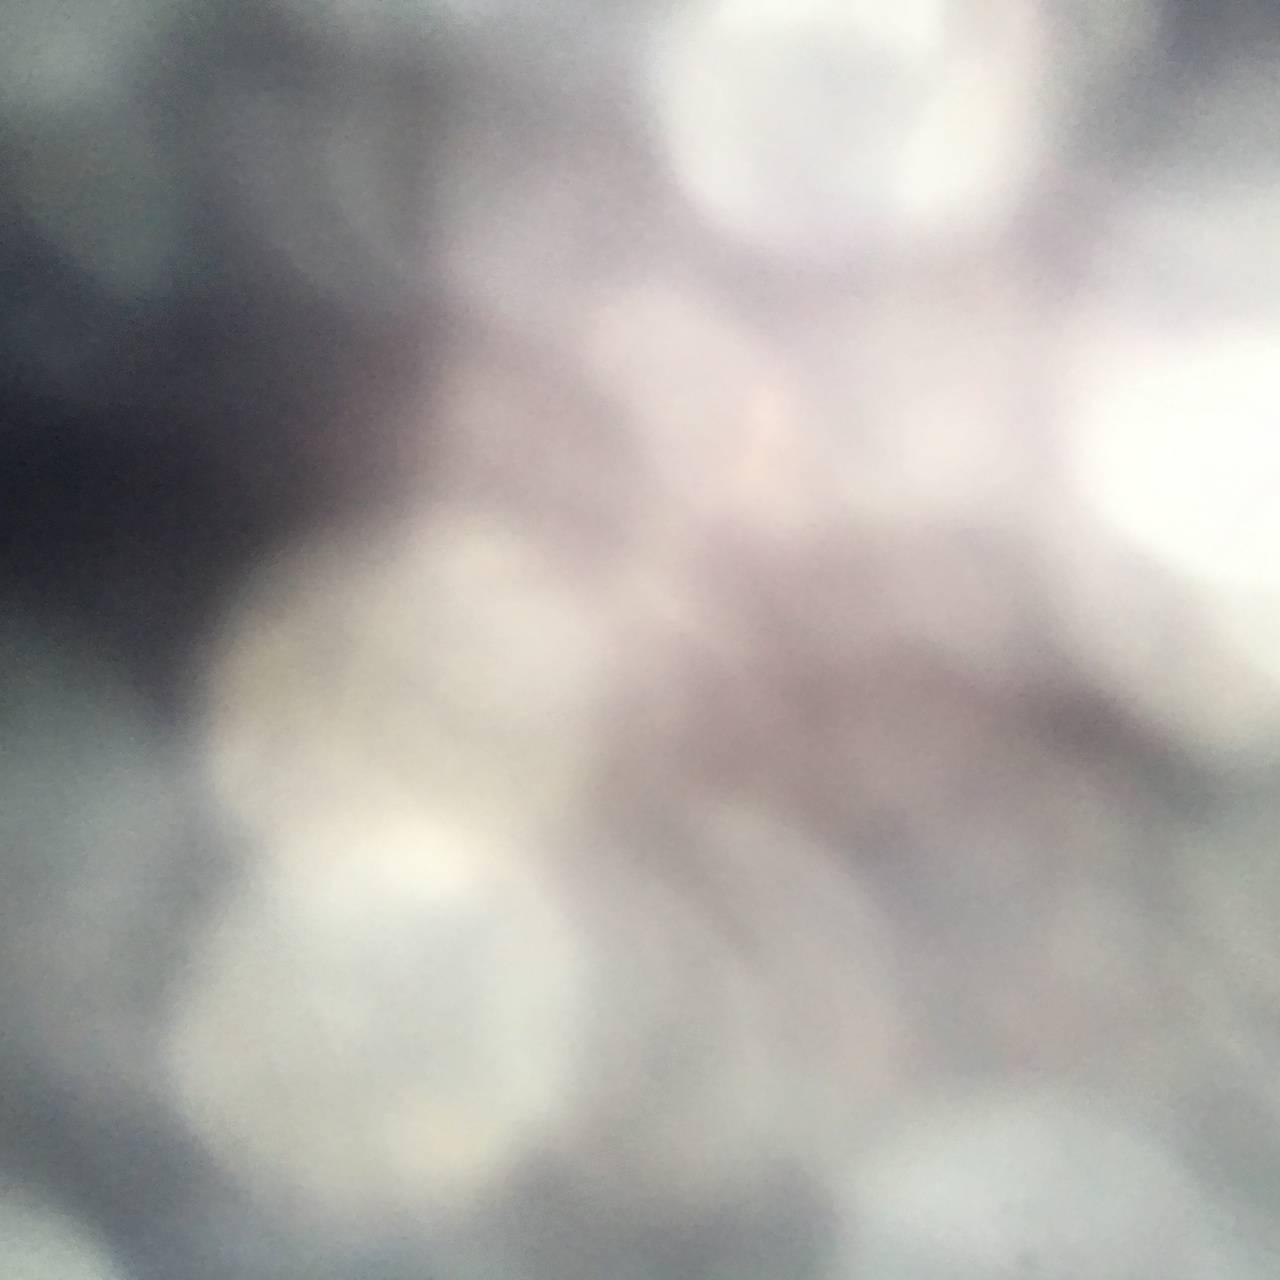 Pale dots